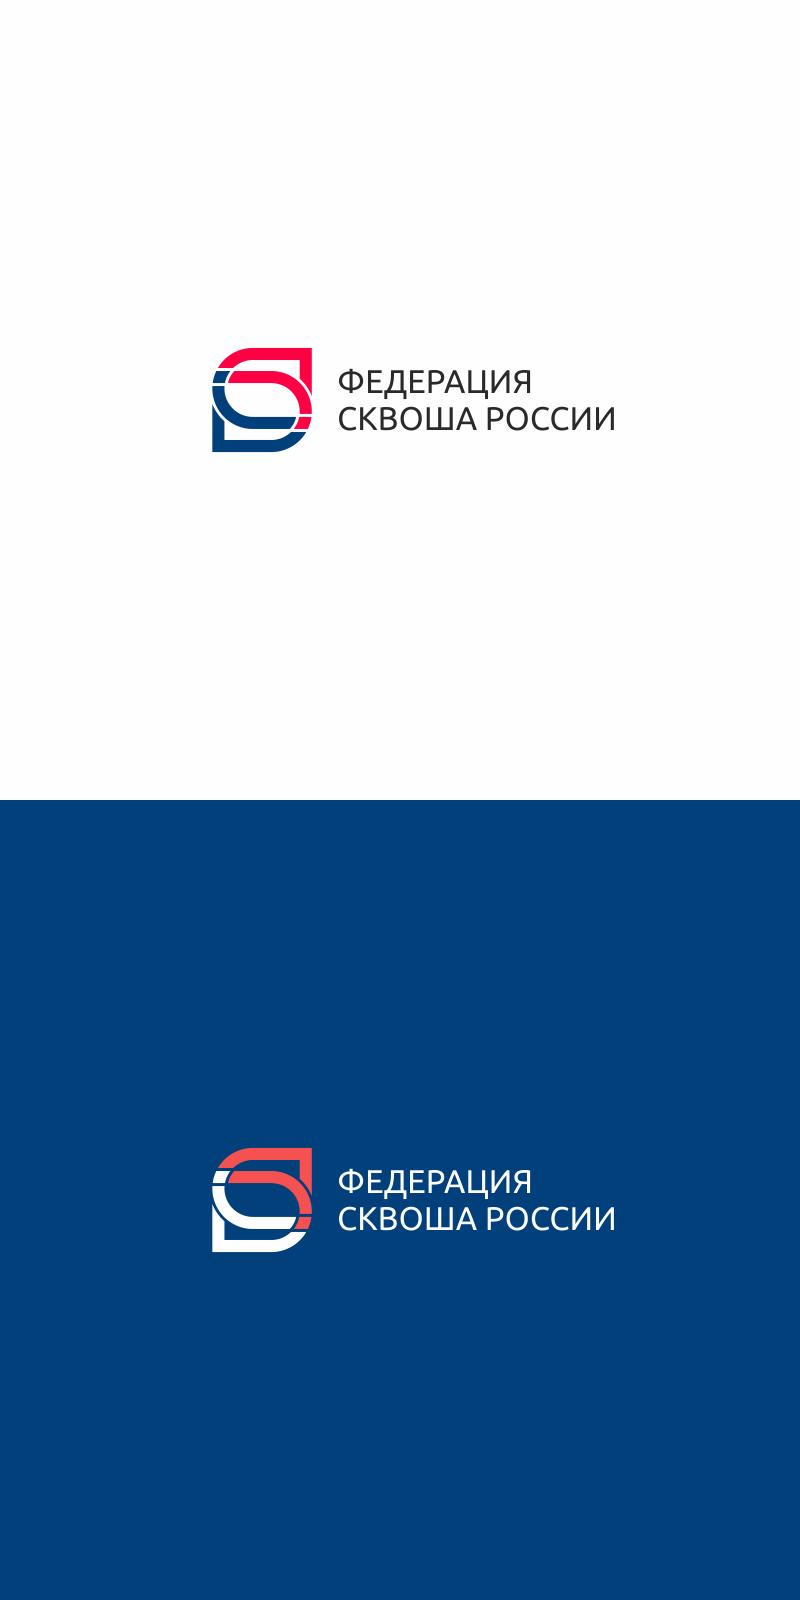 Разработать логотип для Федерации сквоша России фото f_7225f396f9104027.png